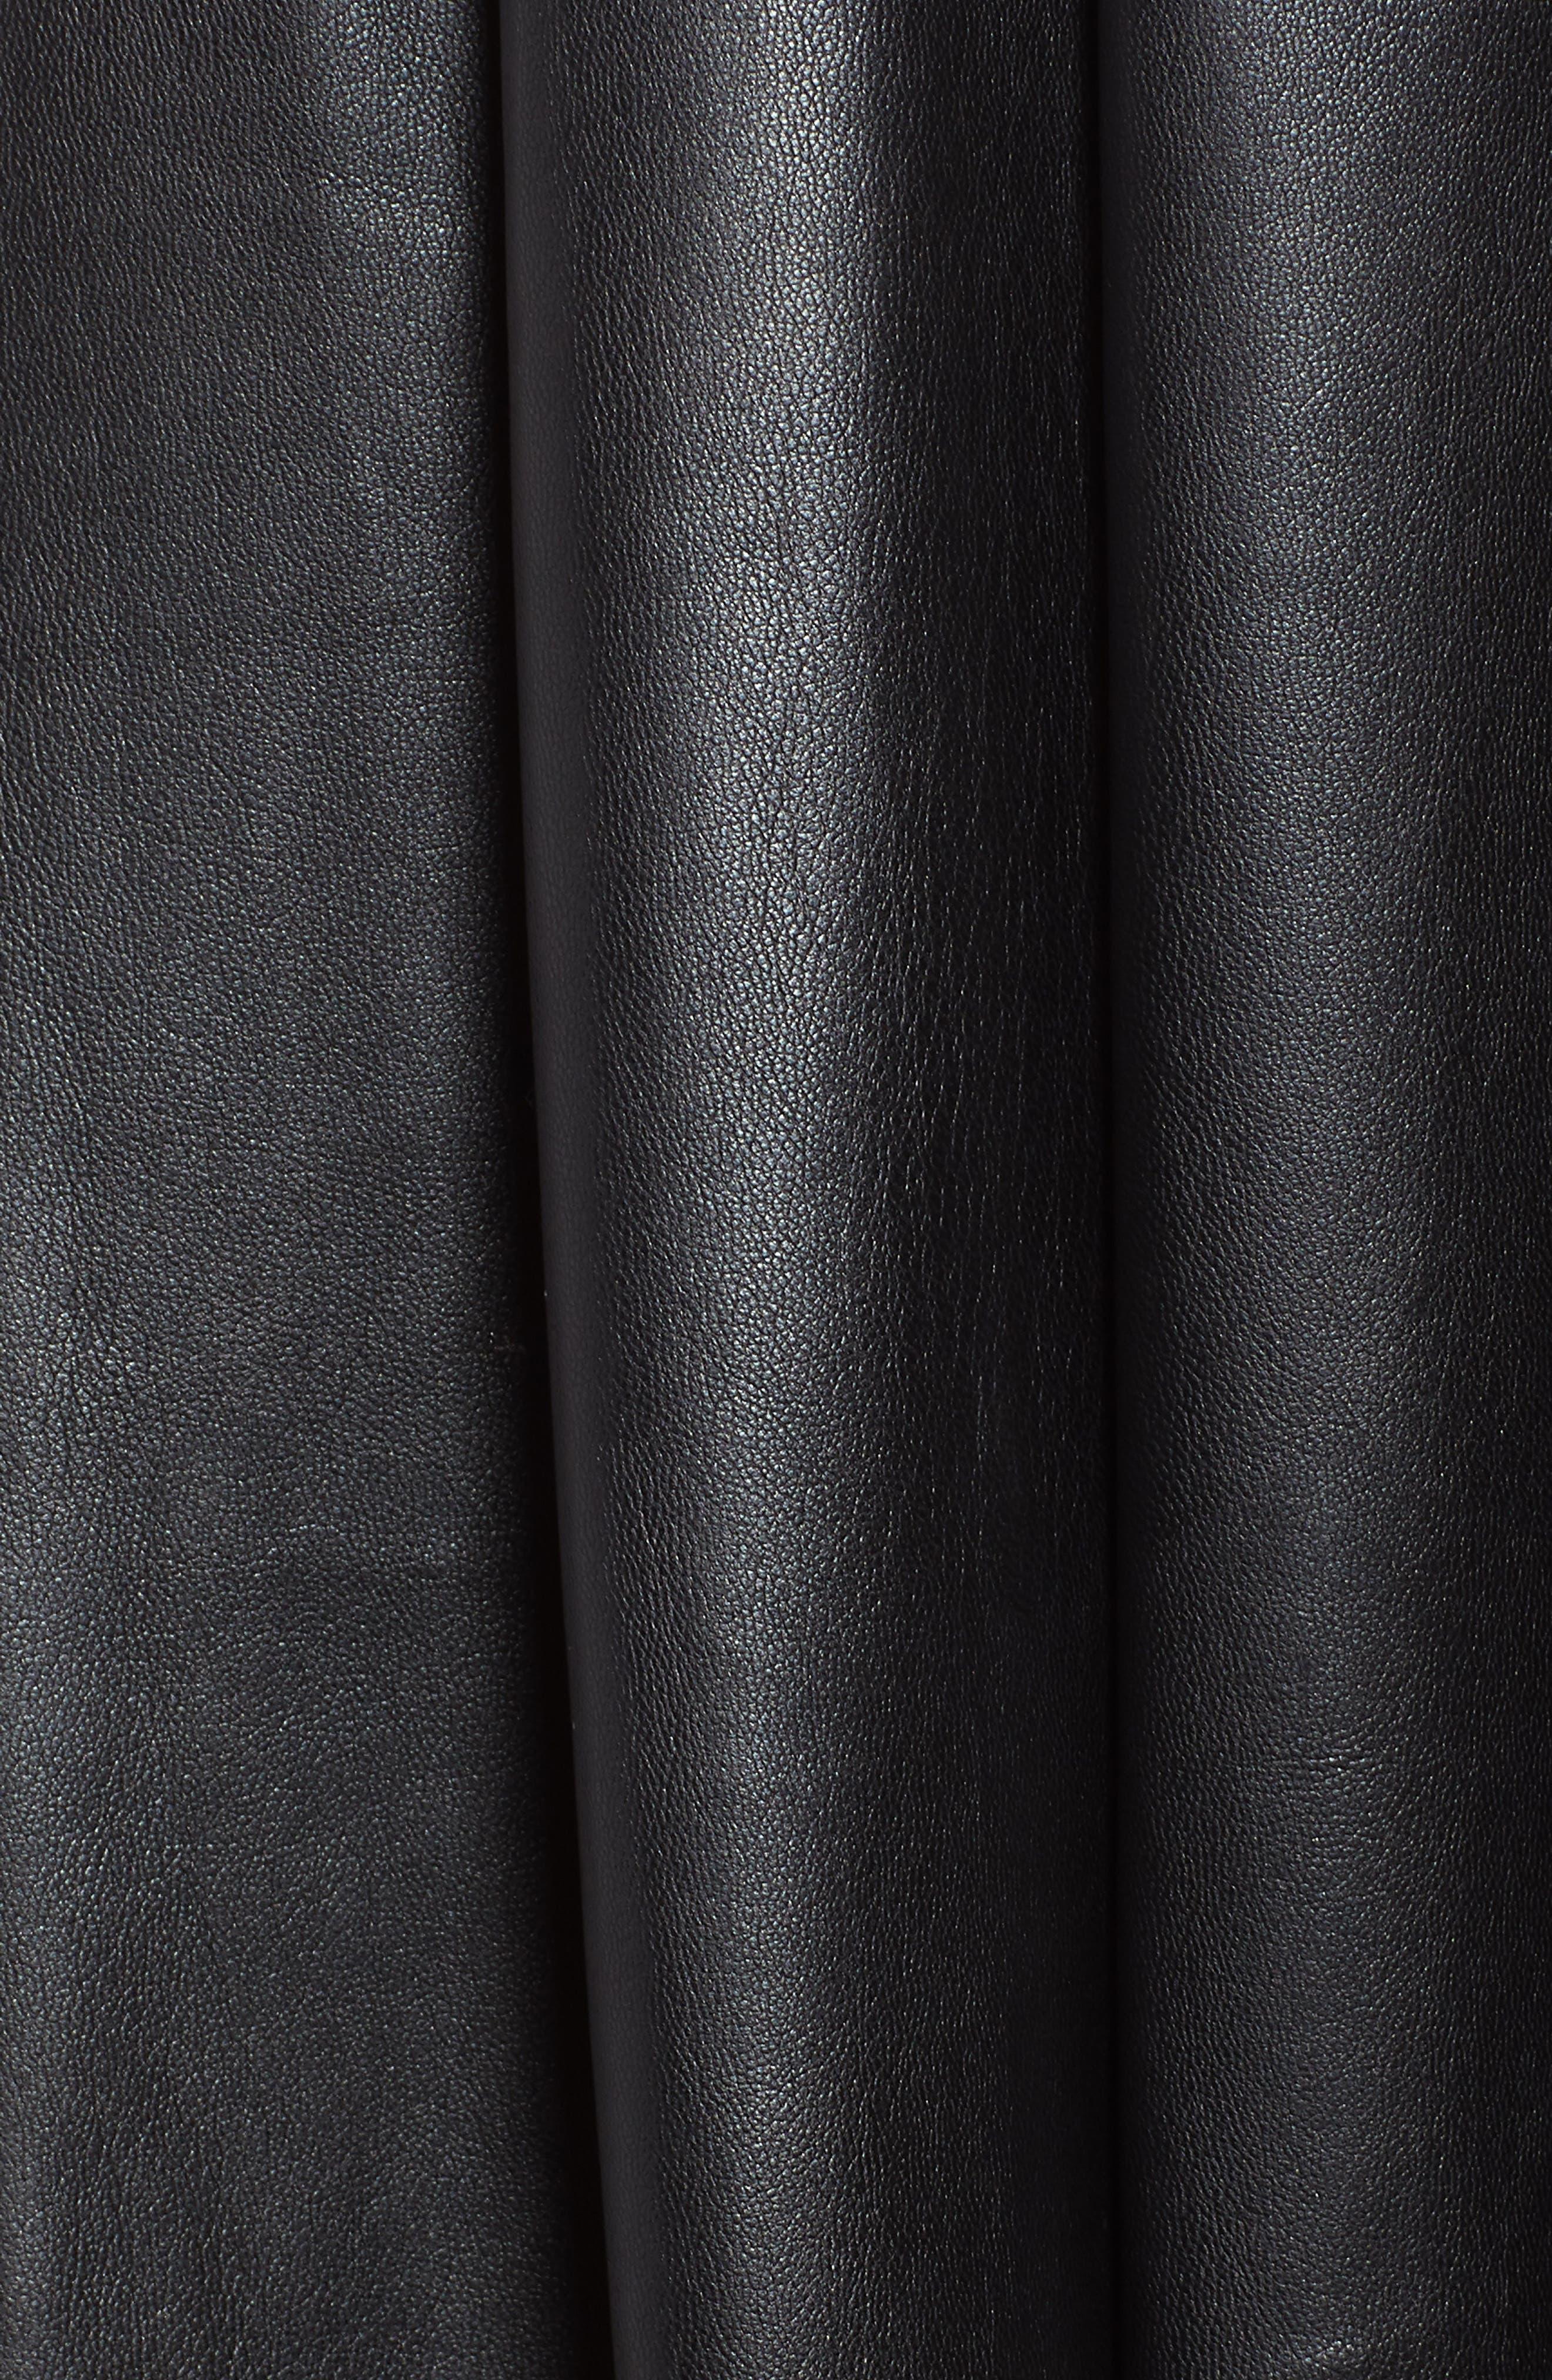 Hudson Faux Leather Midi Skirt,                             Alternate thumbnail 5, color,                             BLACK